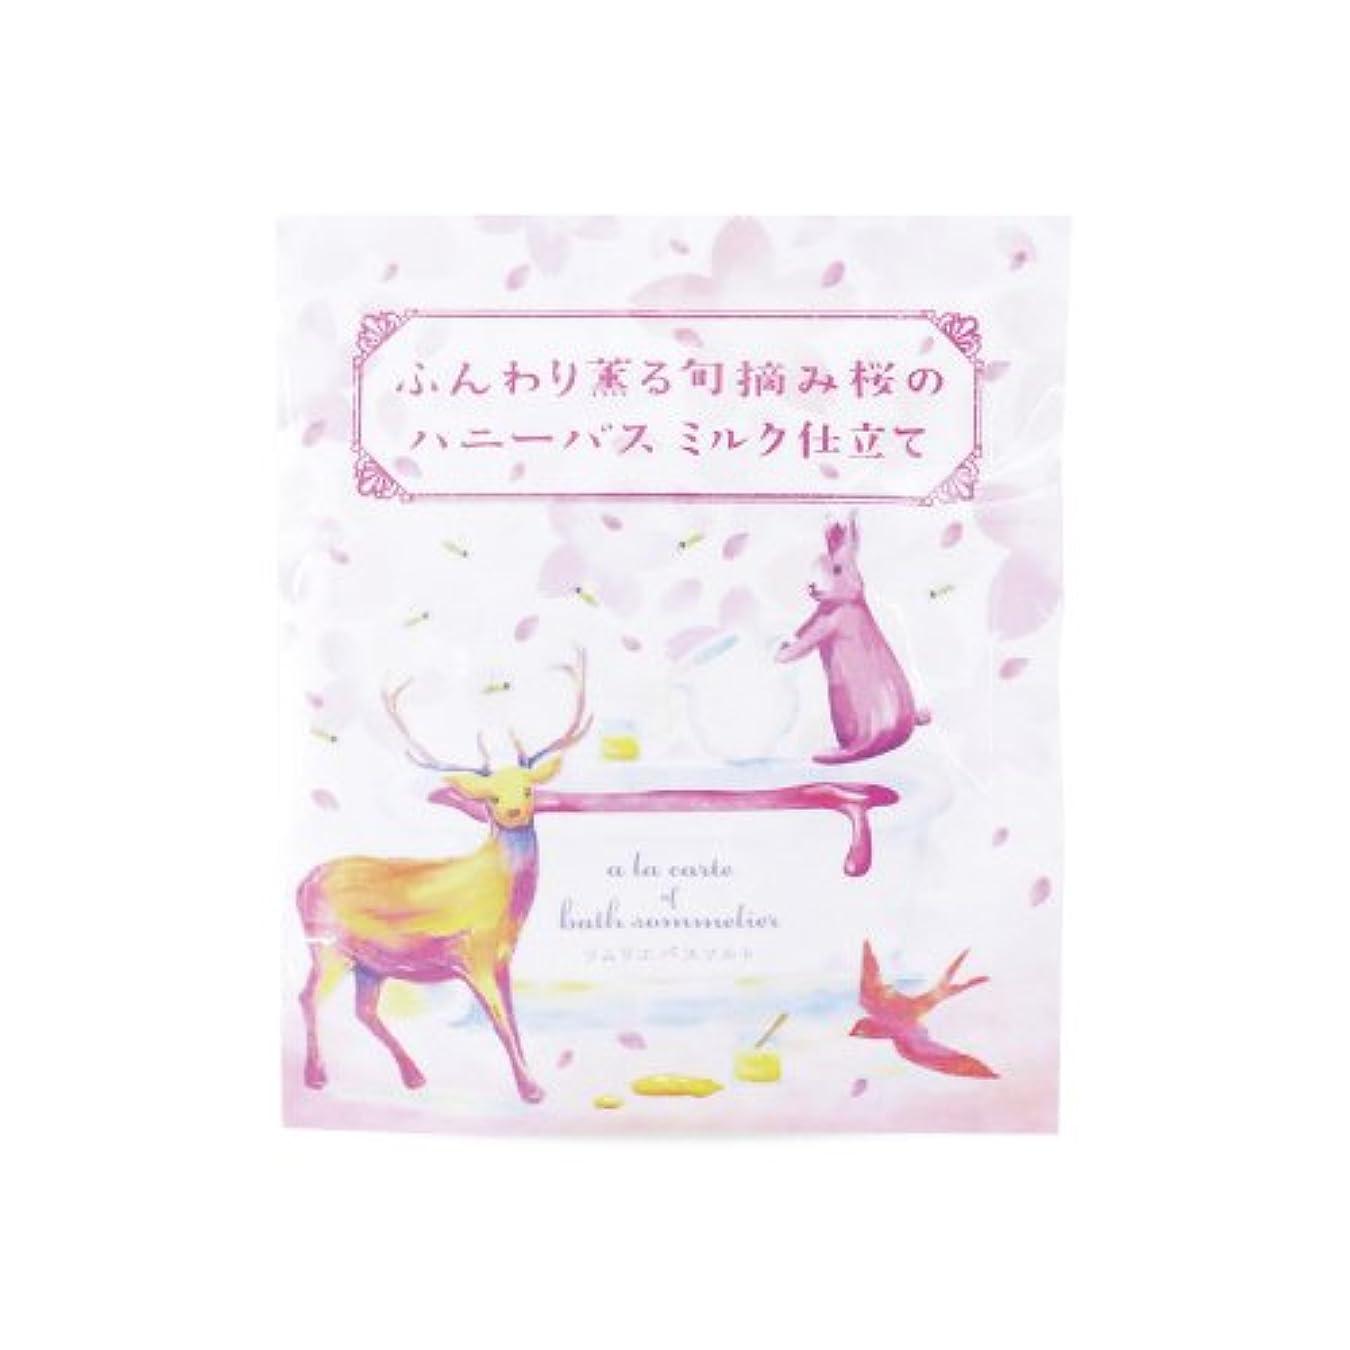 チャーリー ソムリエバスソルト 旬摘み桜のハニーバスミルク仕立て